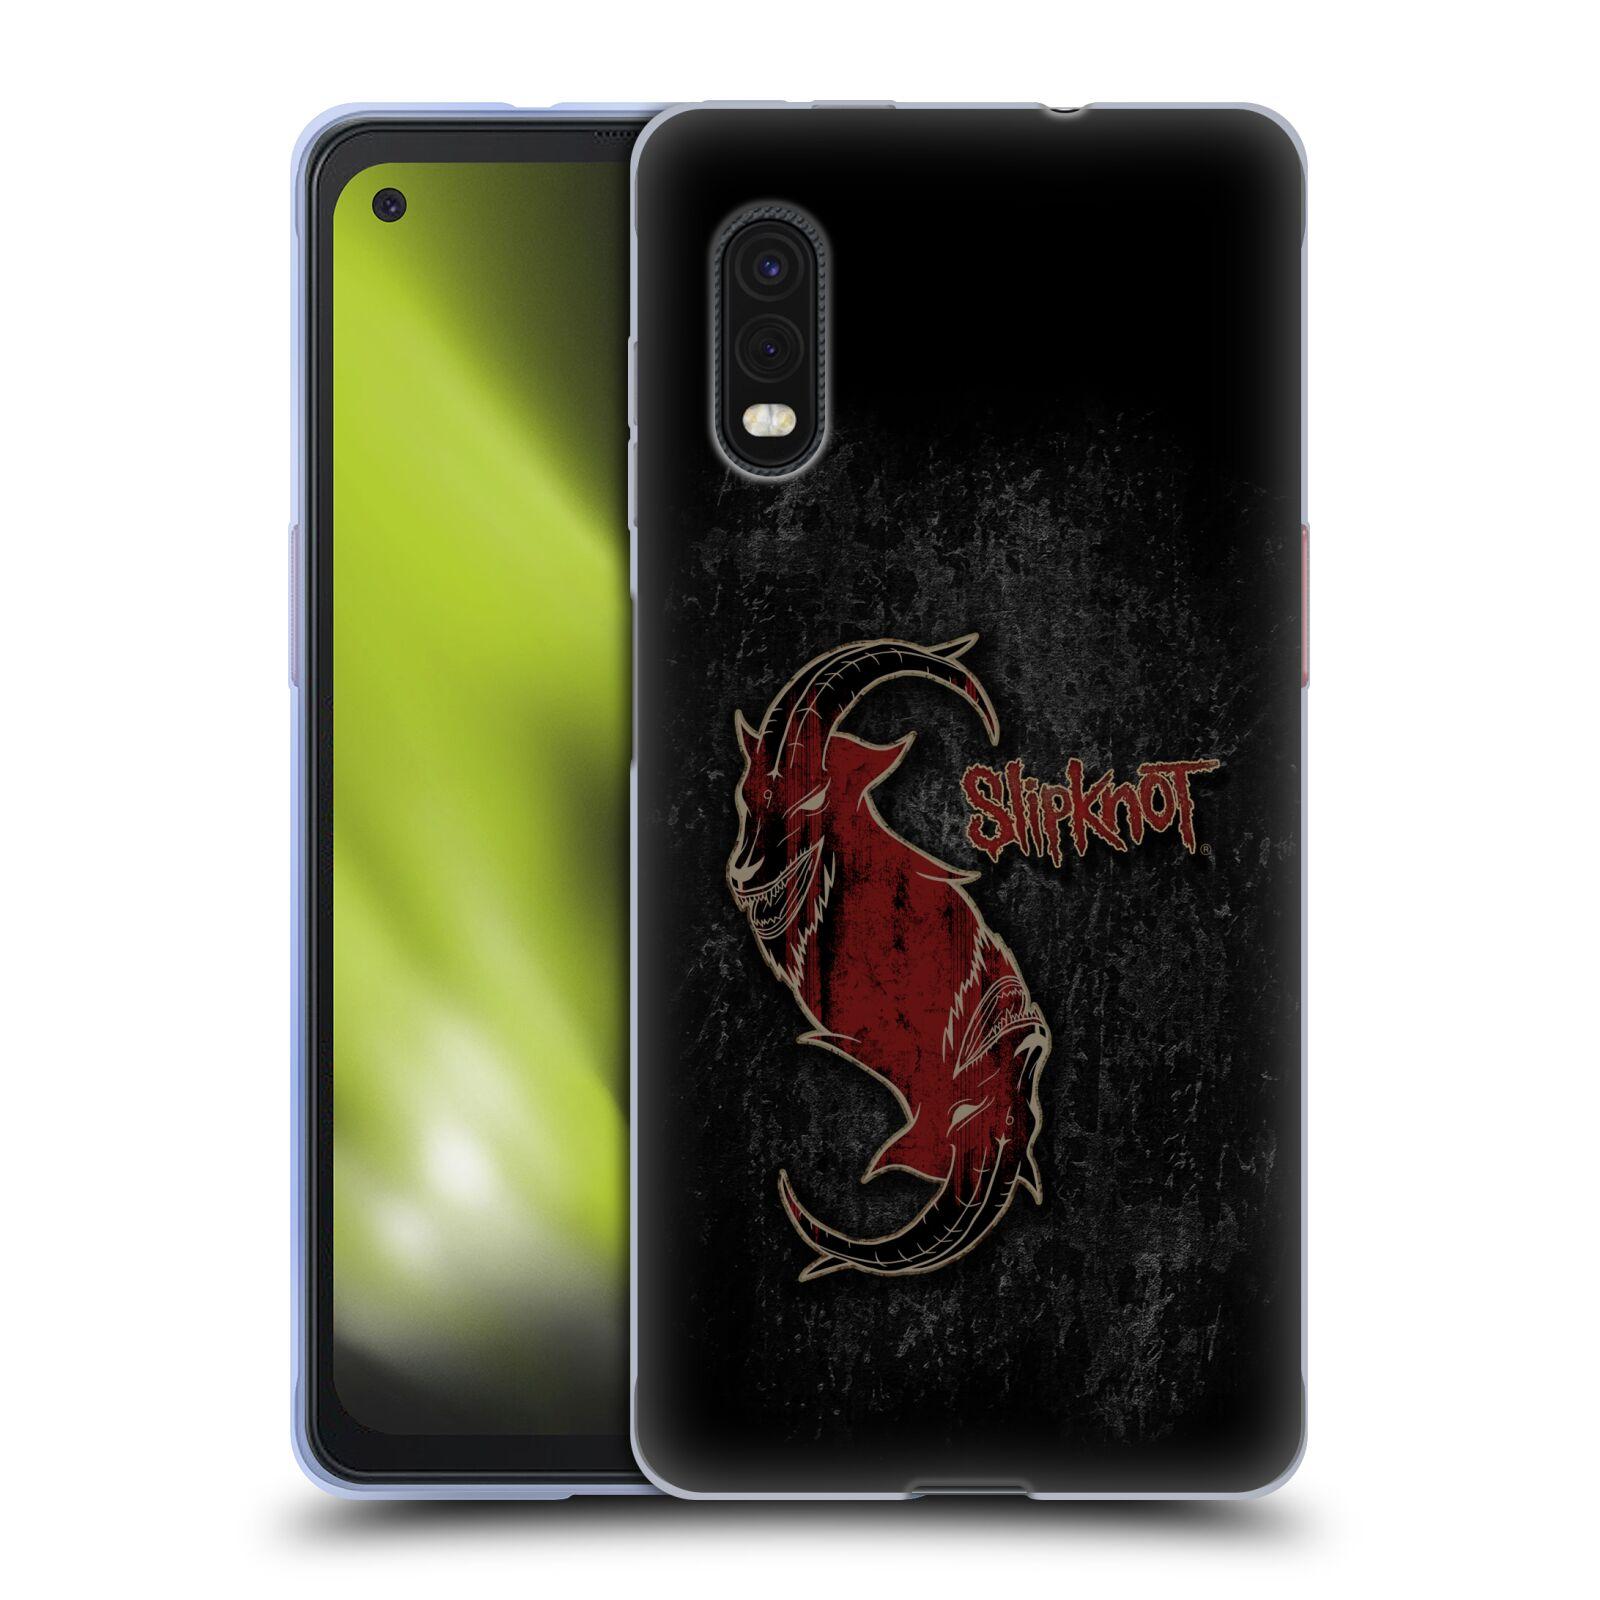 Silikonové pouzdro na mobil Samsung Galaxy Xcover Pro - Head Case - Slipknot - Rudý kozel